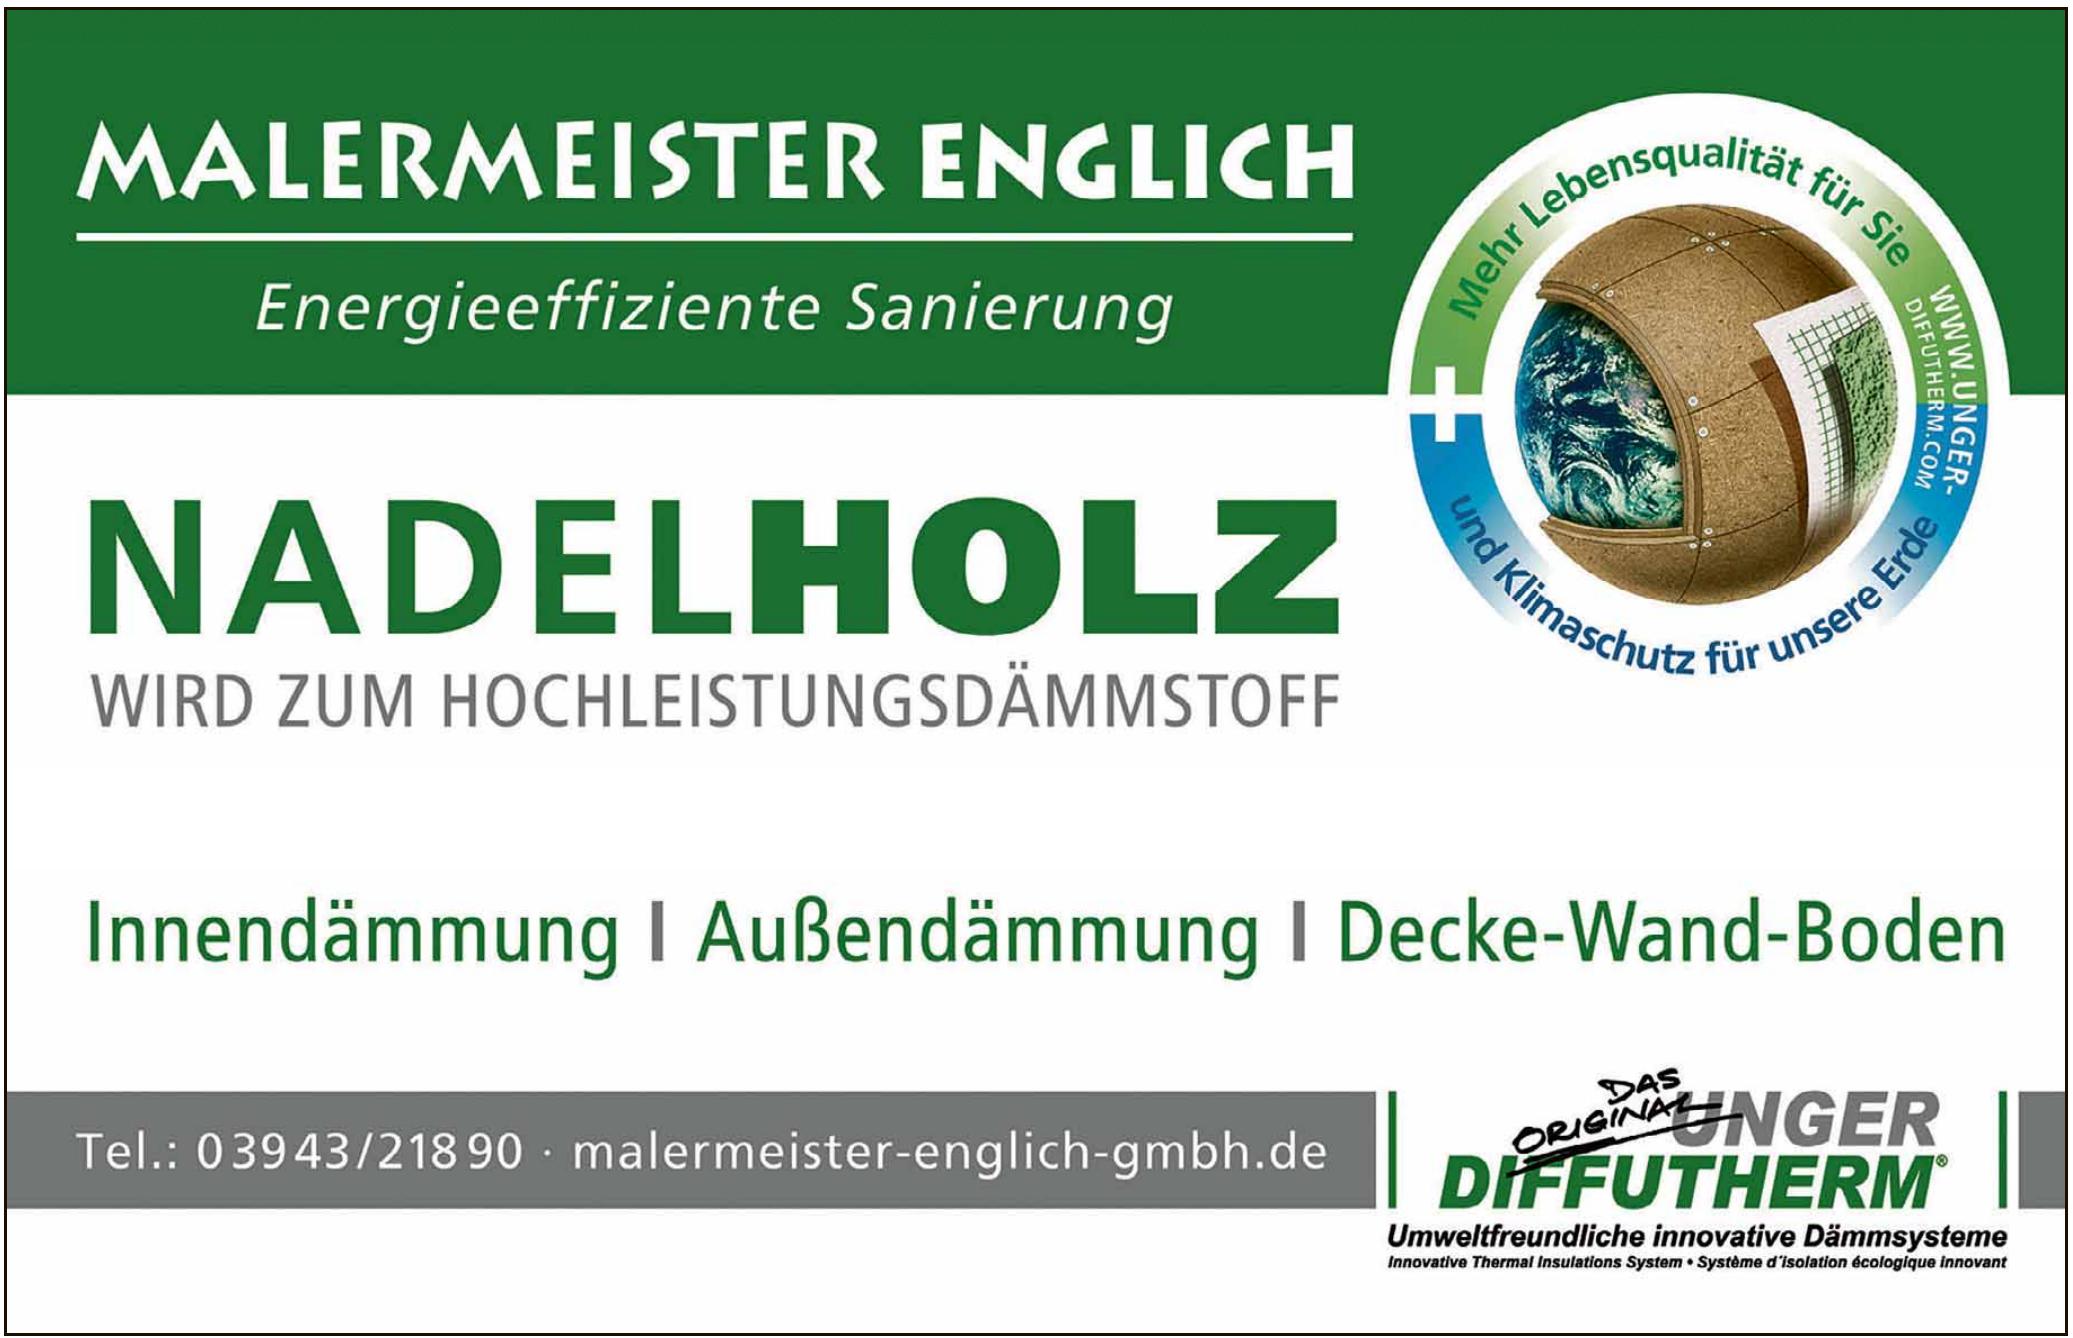 Malermeister Englich GmbH